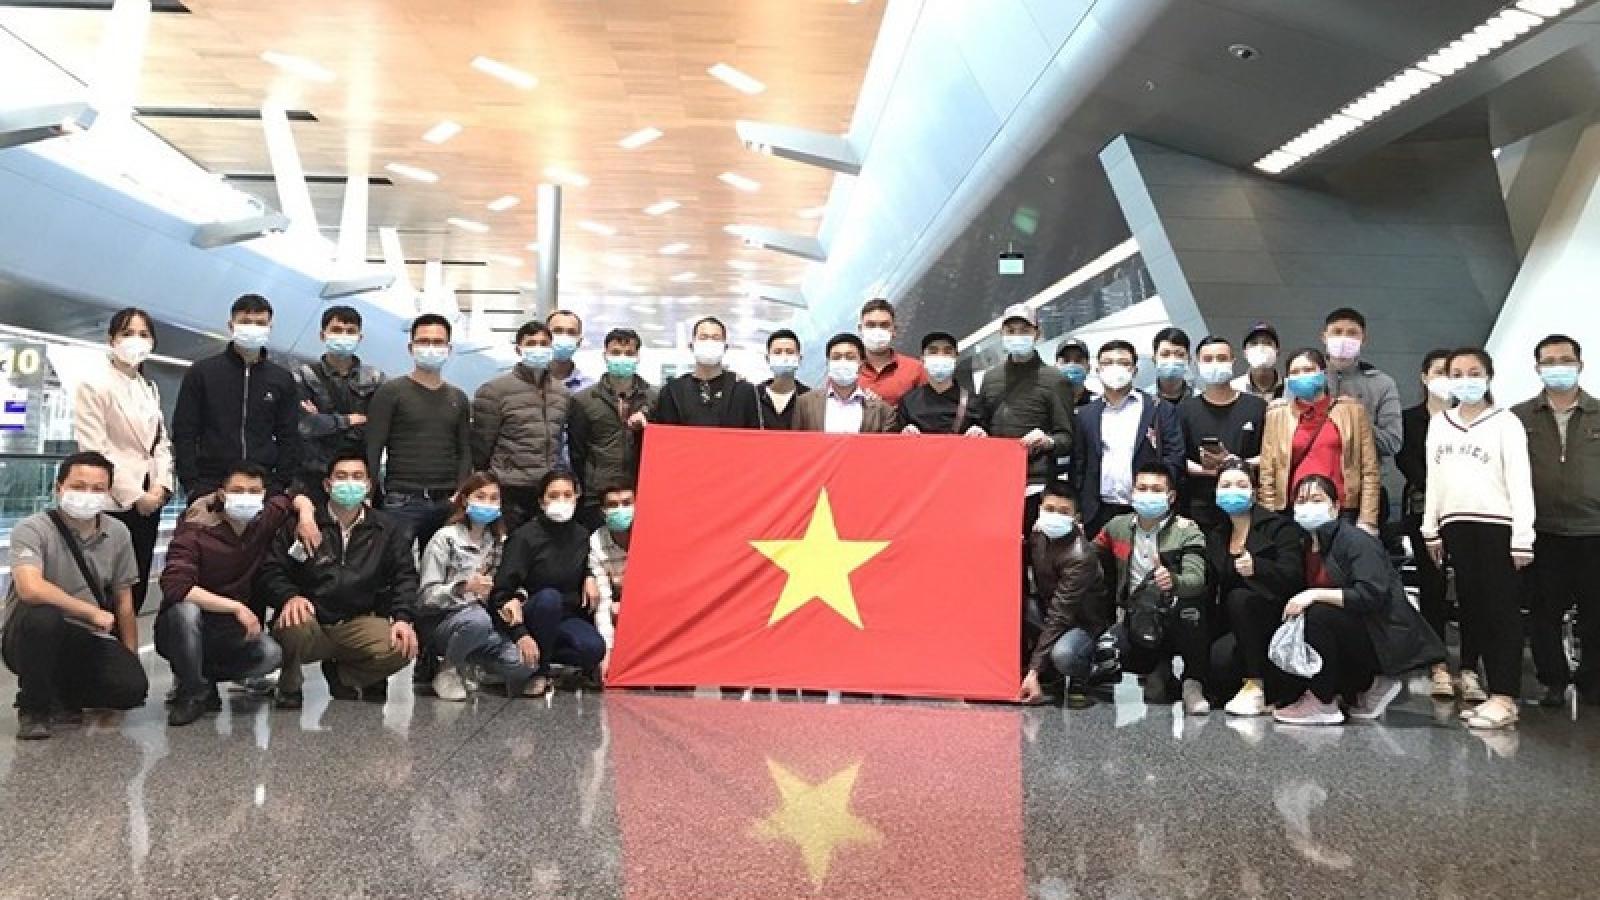 Đưa hơn 340 công dân Việt Nam từ Macao (Trung Quốc) về nước trong mùa Covid-19